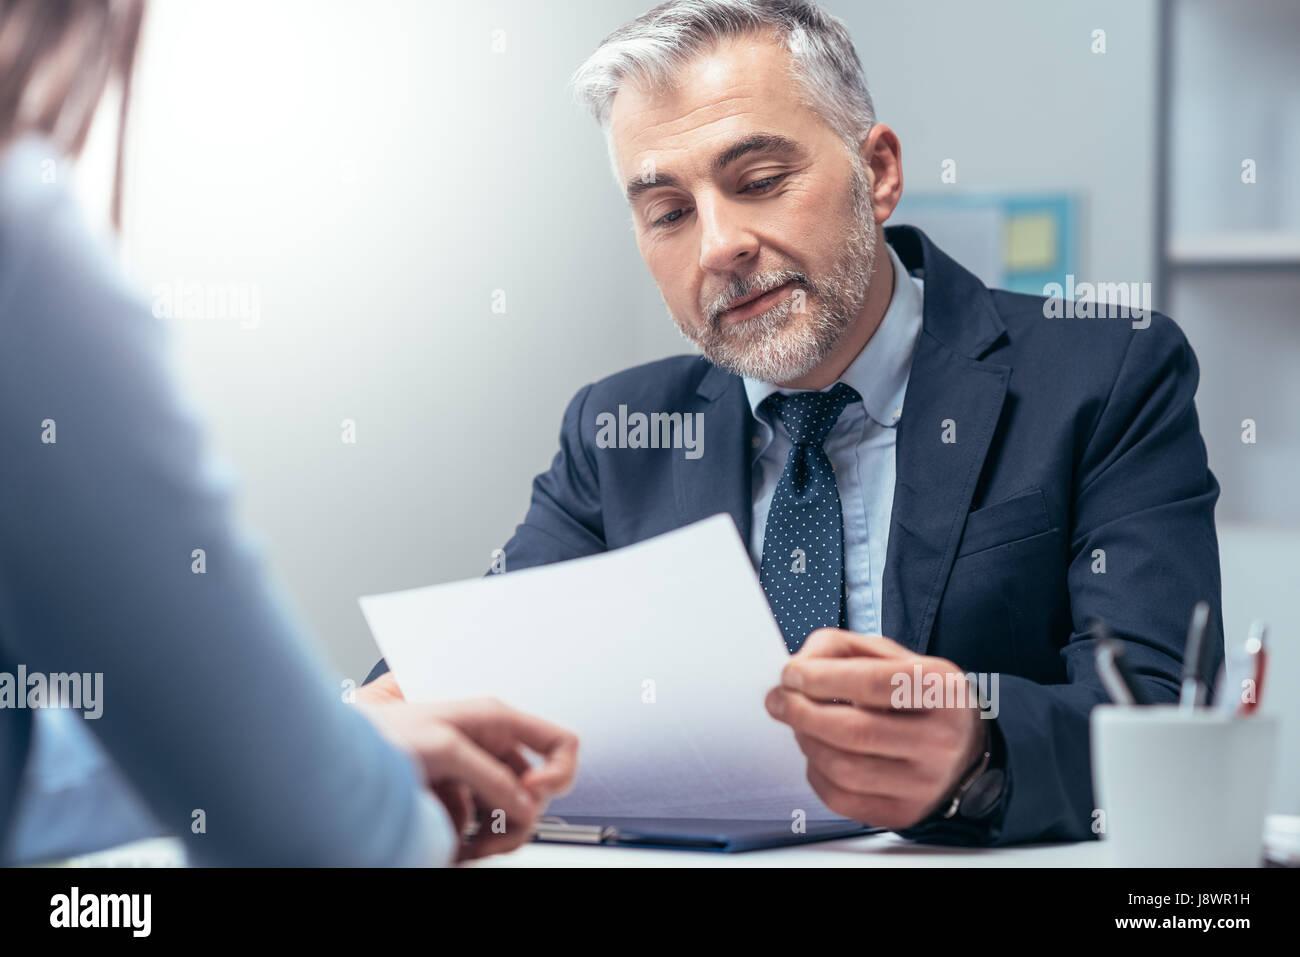 Jeune femme ayant un emploi entrevue avec un gestionnaire d'entreprise dans son bureau, il est l'examen de son curriculum Banque D'Images